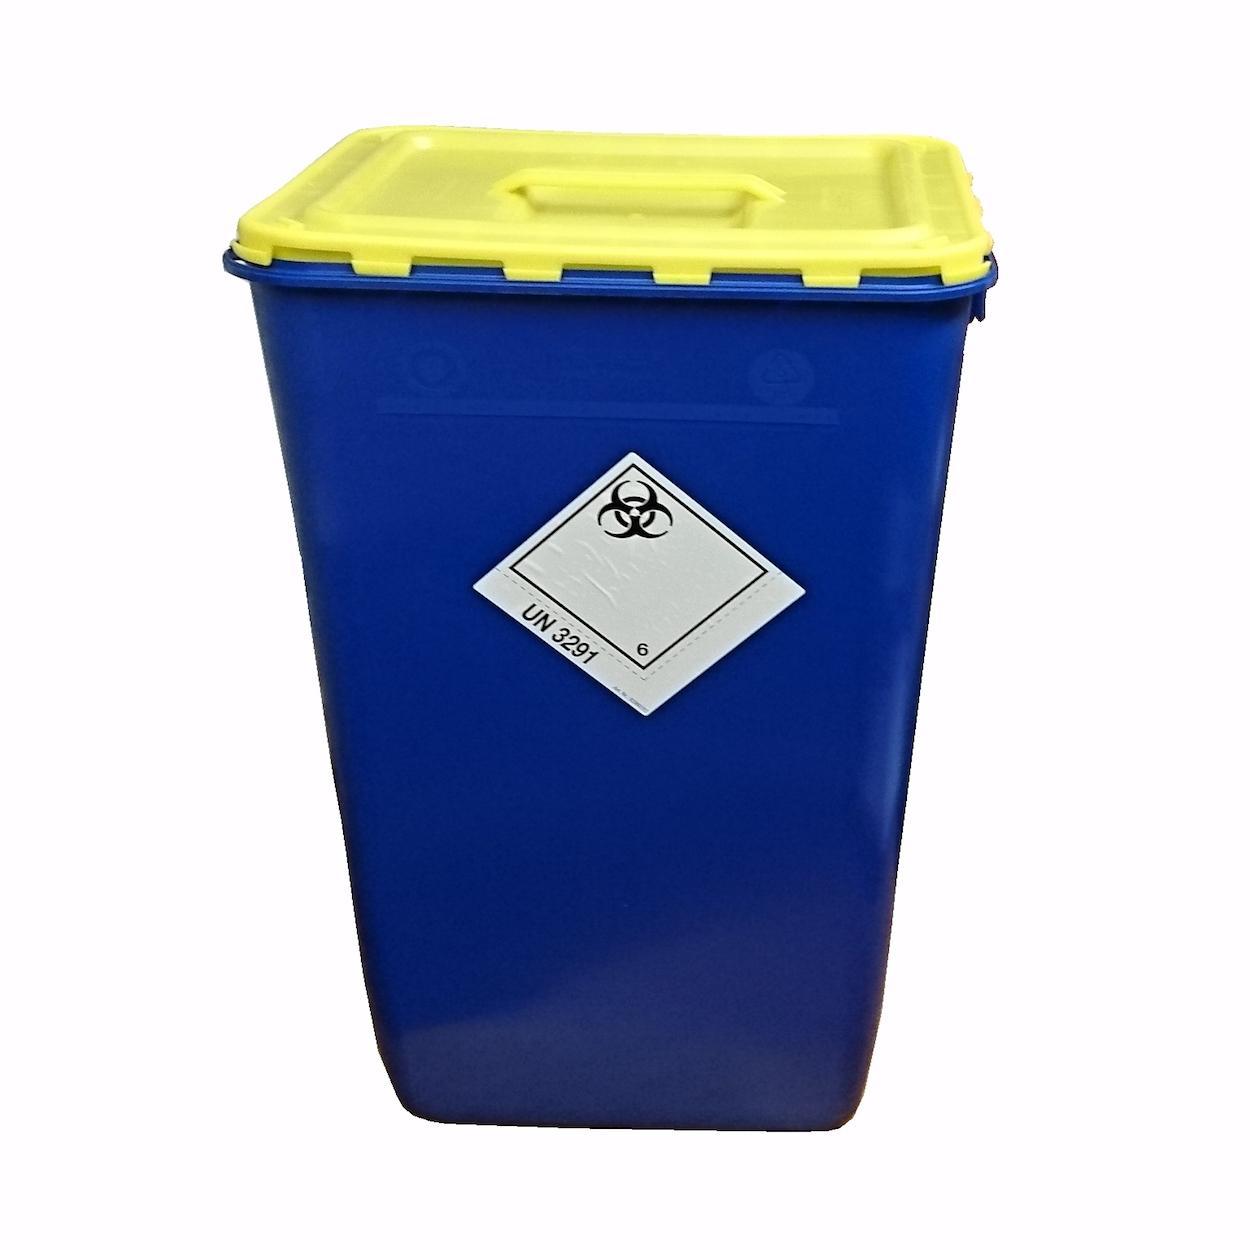 Pojemnik z klapą i uchwytem na zbiórkę bioodpadów - 60L